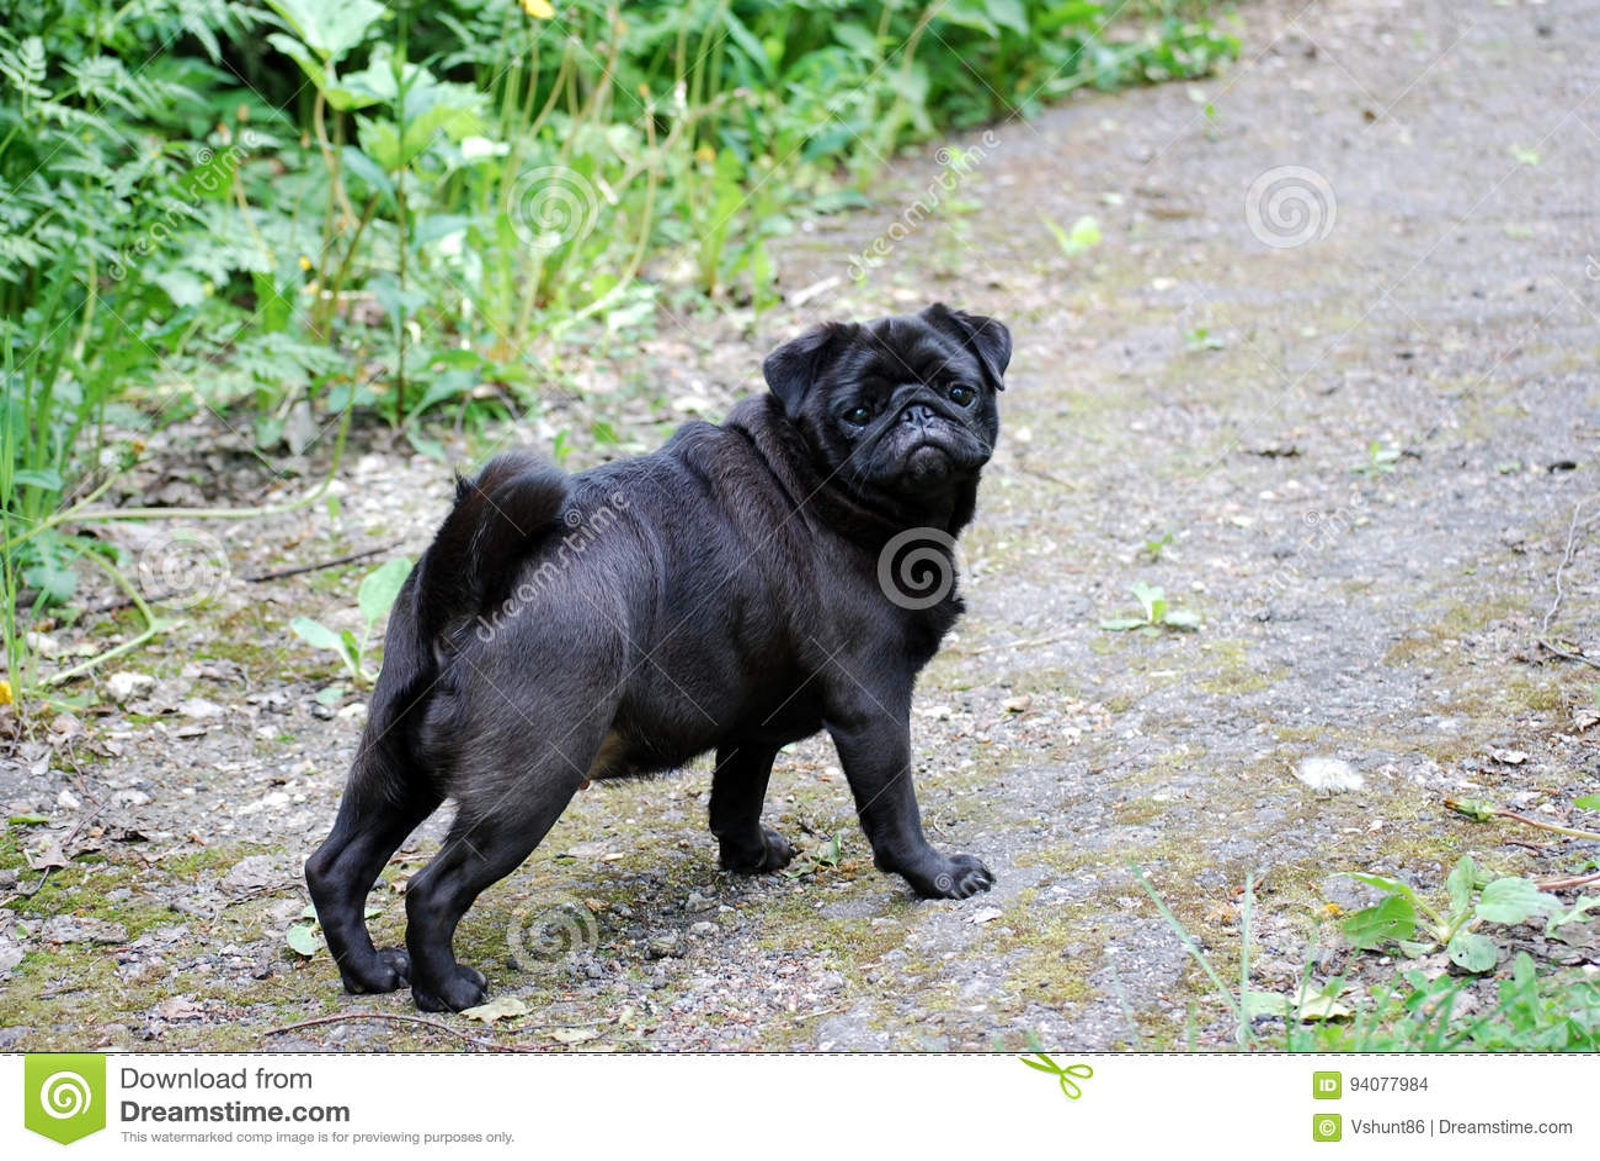 狗一个今后逃脱黑哈巴狗的神色  她看所有者